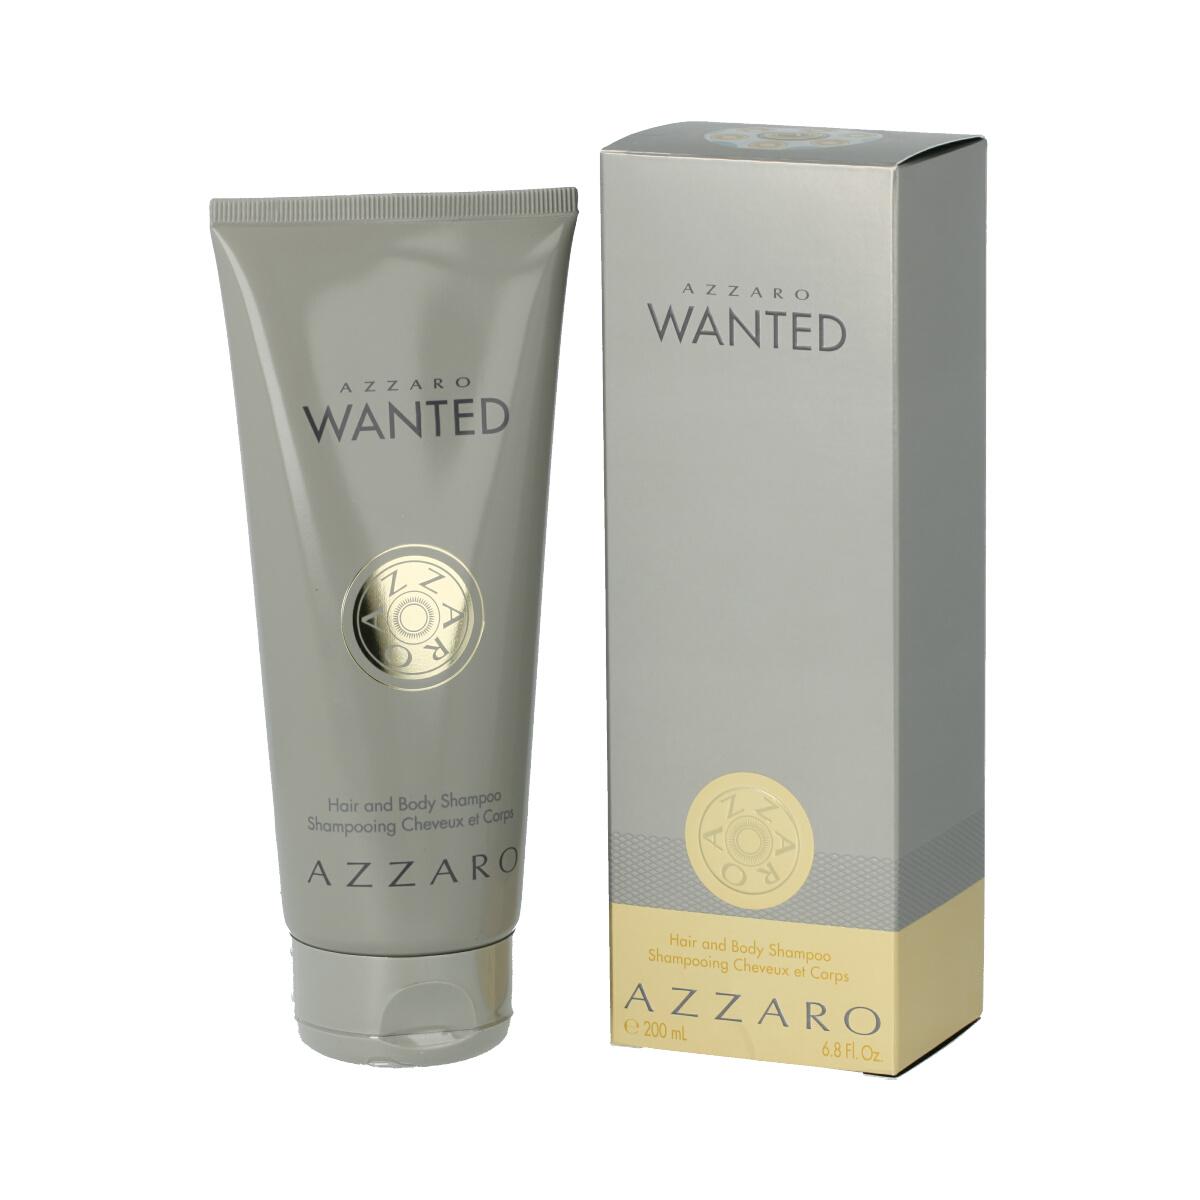 Azzaro Wanted Duschgel für Haut und Haar 200 ml (man) 19361